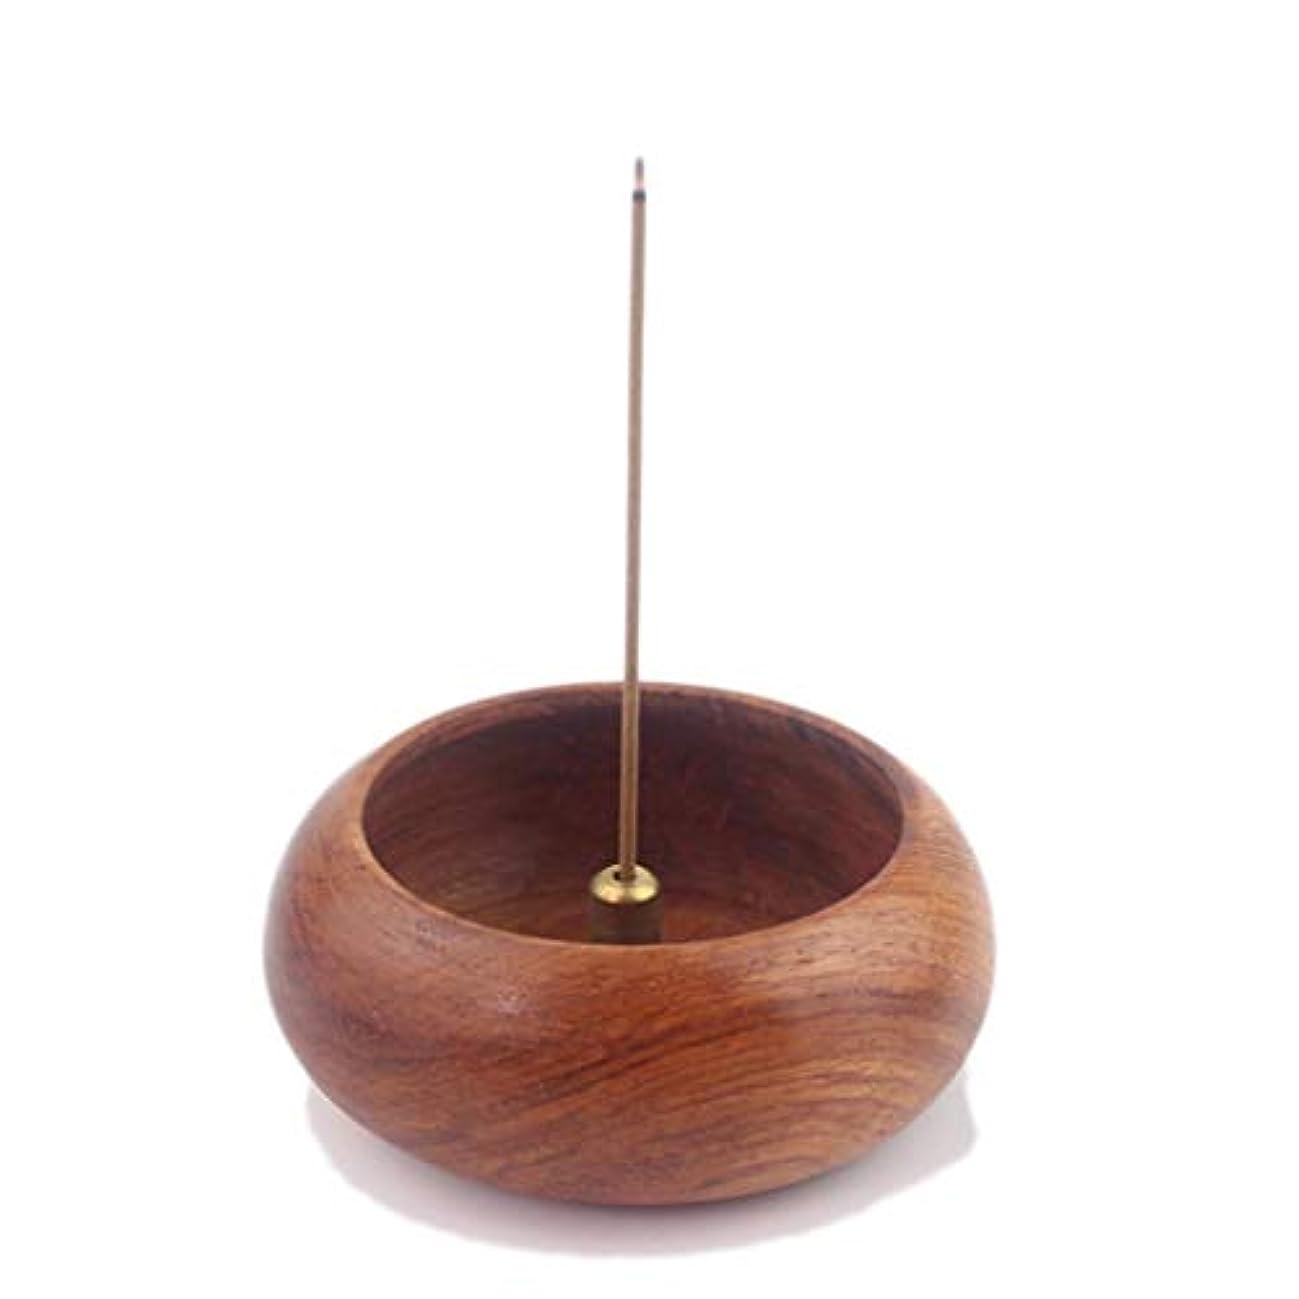 場合抹消アブストラクトローズウッドボウル型の香炉ホルダーホーム&キッチン炉香ホルダー装飾香スティックコーンバーナーホルダー (Color : Wood, サイズ : 2.44*0.94inches)